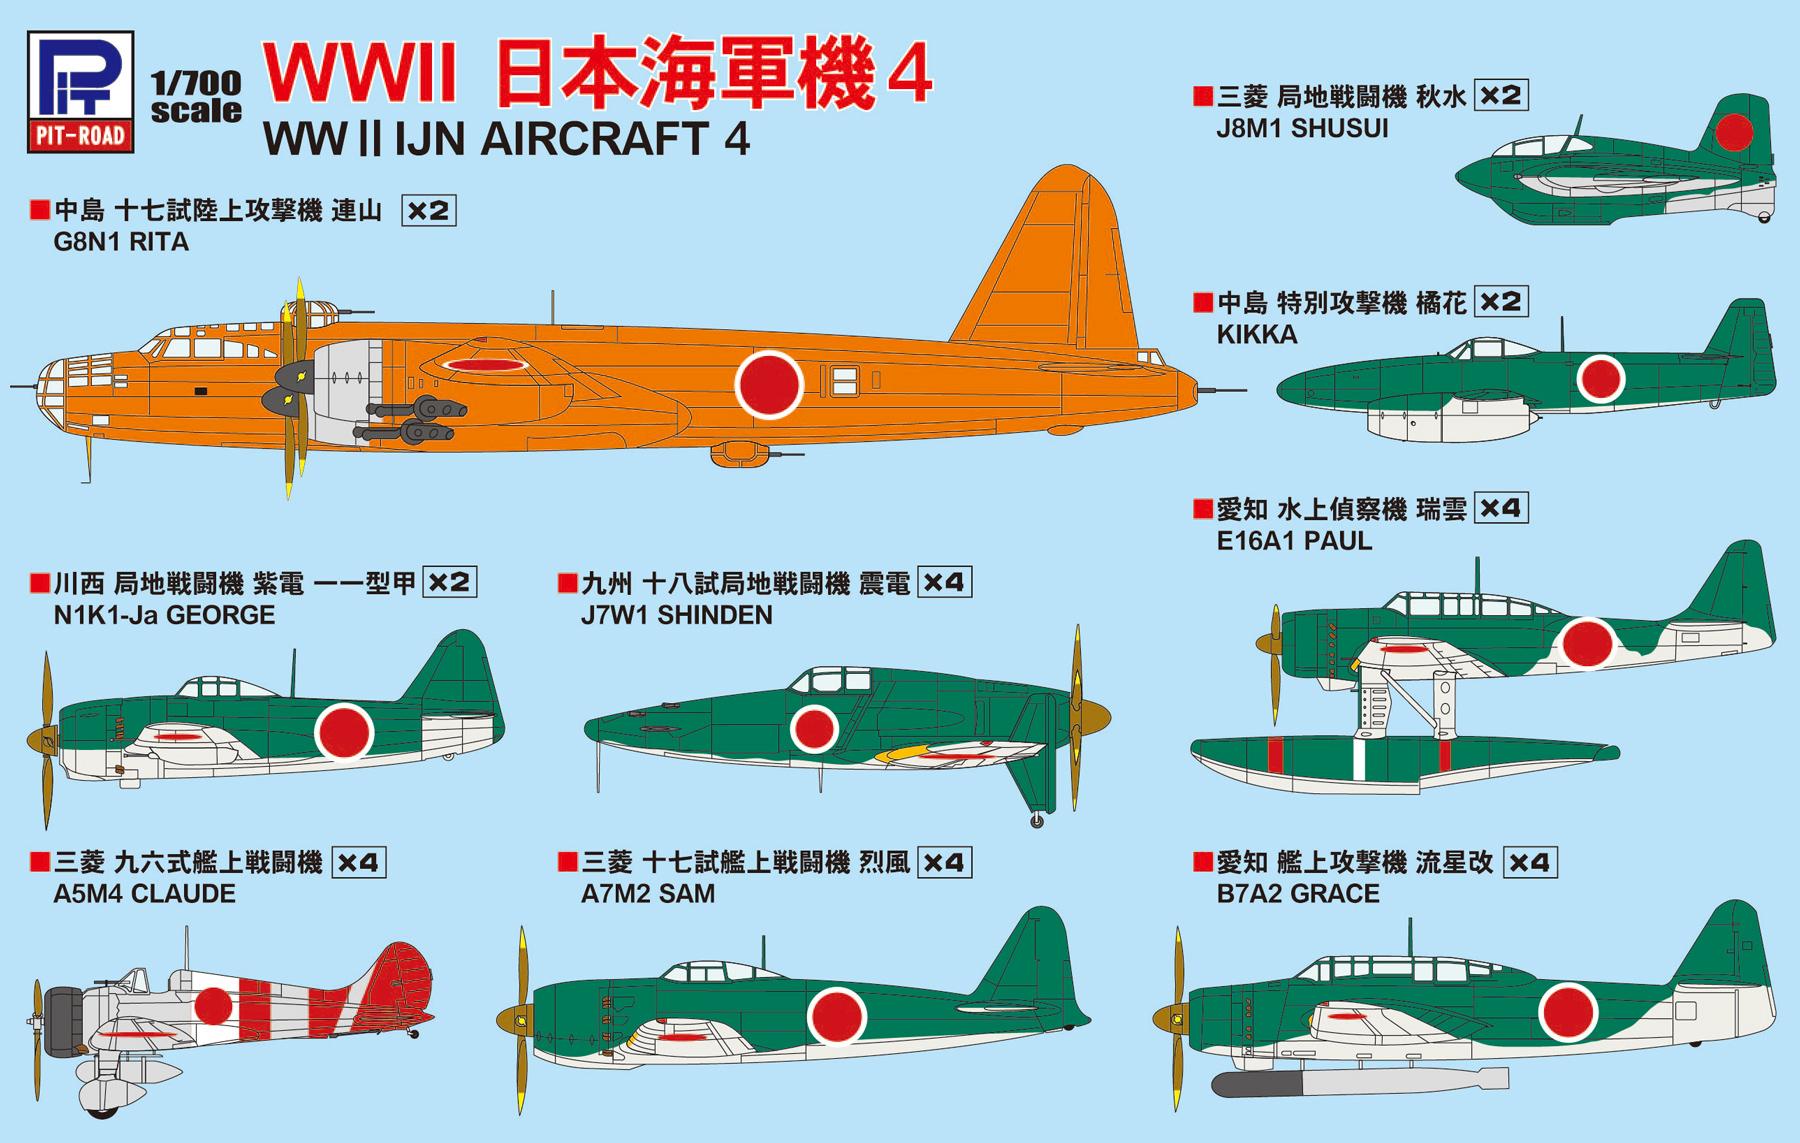 S57 1/700 WWII 日本海軍機 4